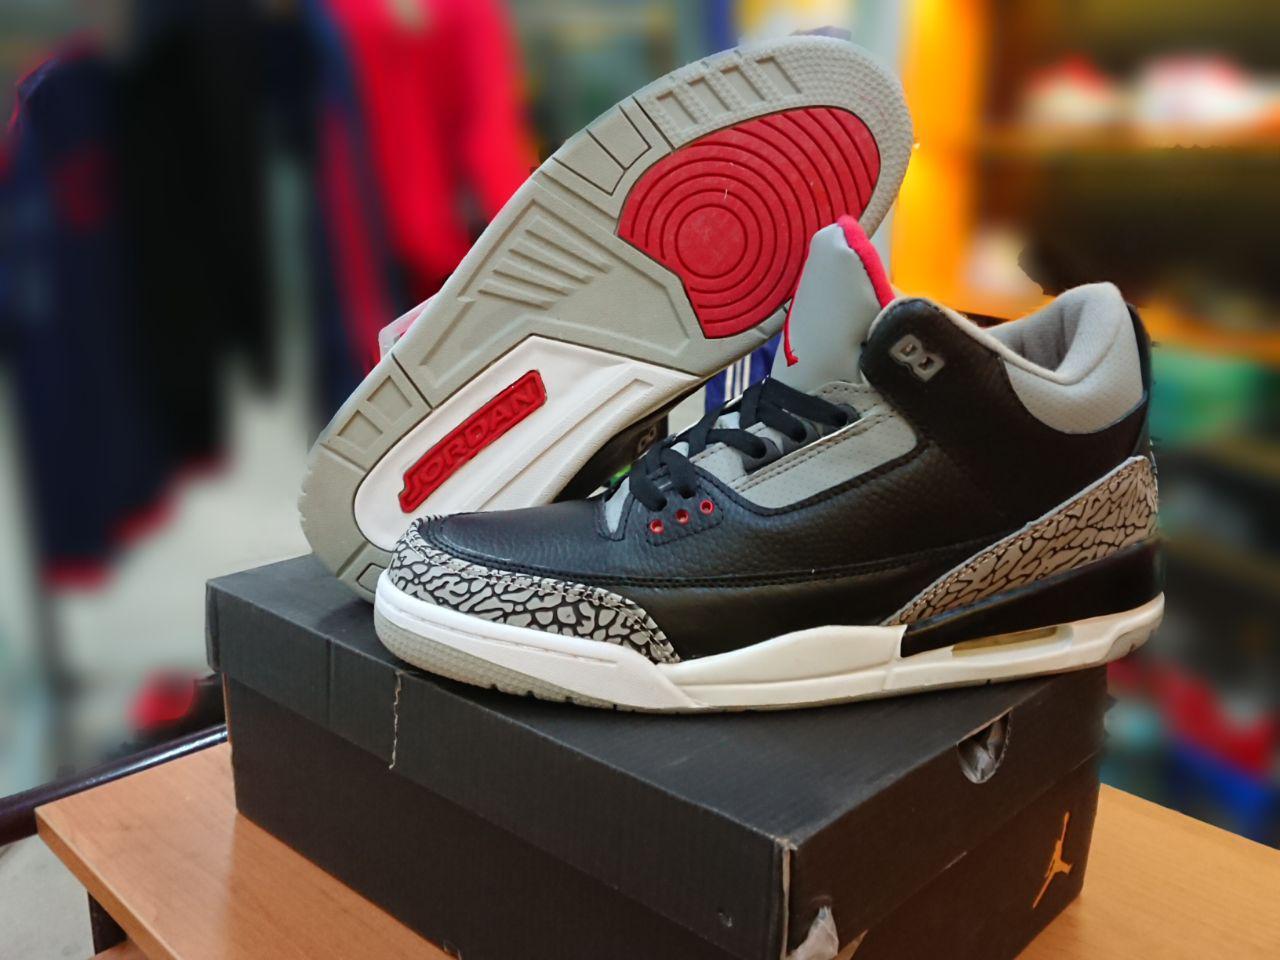 Баскетбольные кроссовки Nike Air jordan 3 ( III ) retro - фото 2